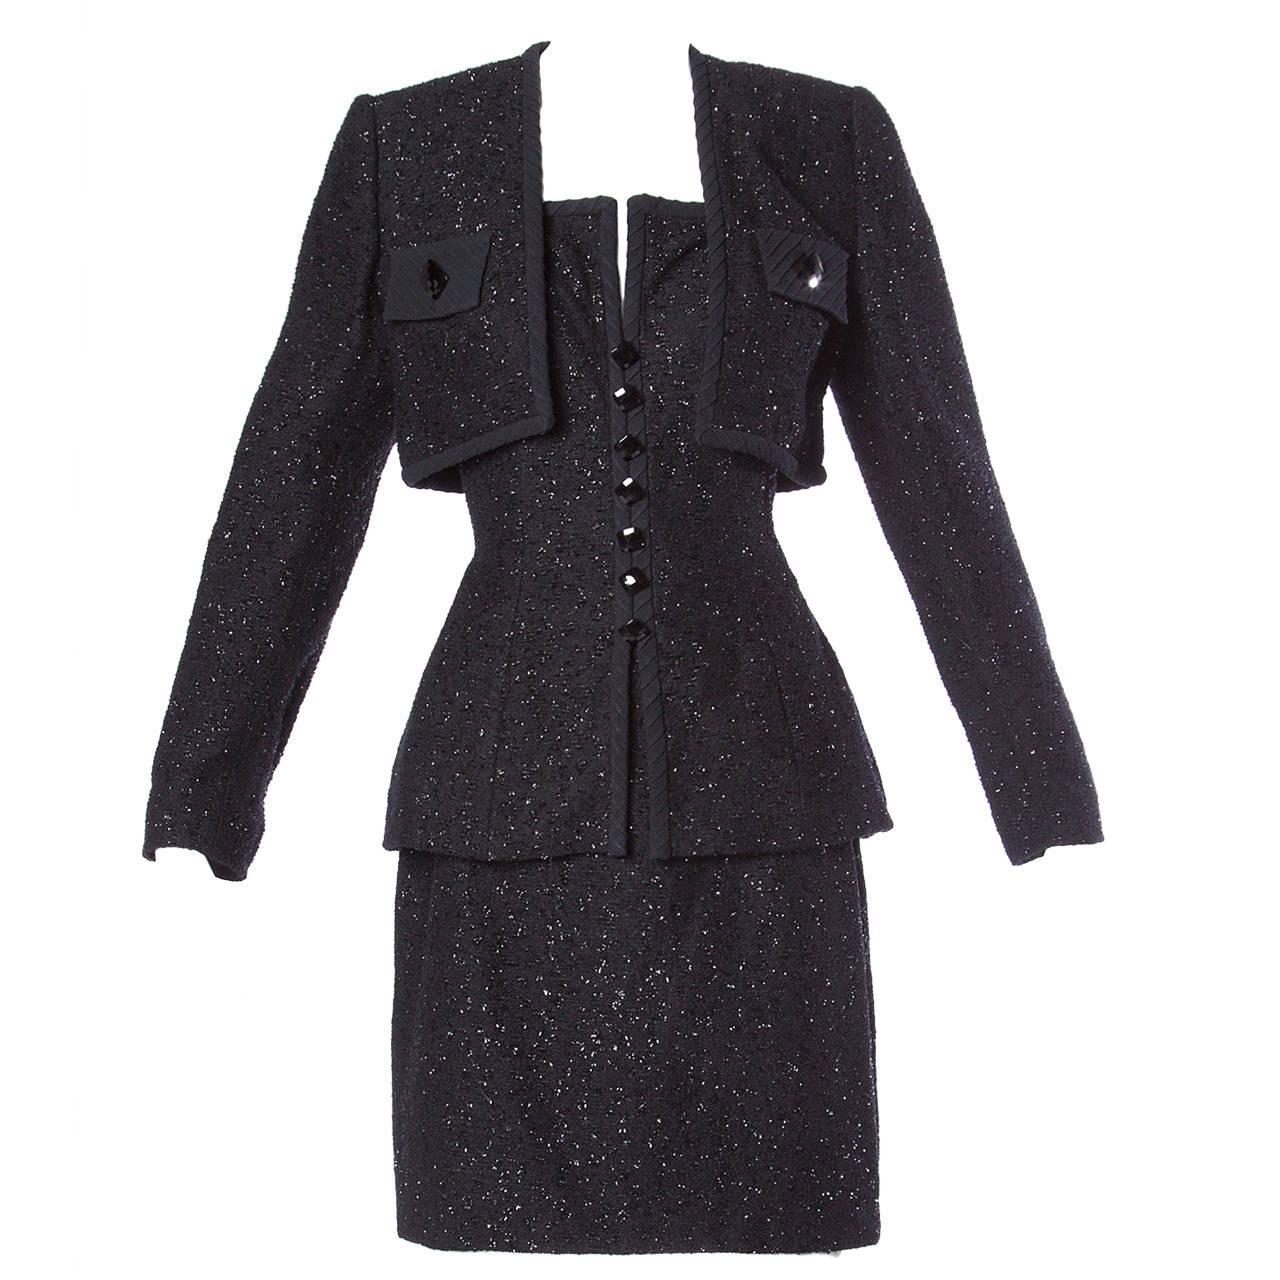 Michael Casey Couture Vintage Sculptural 3-Piece Skirt Suit Ensemble